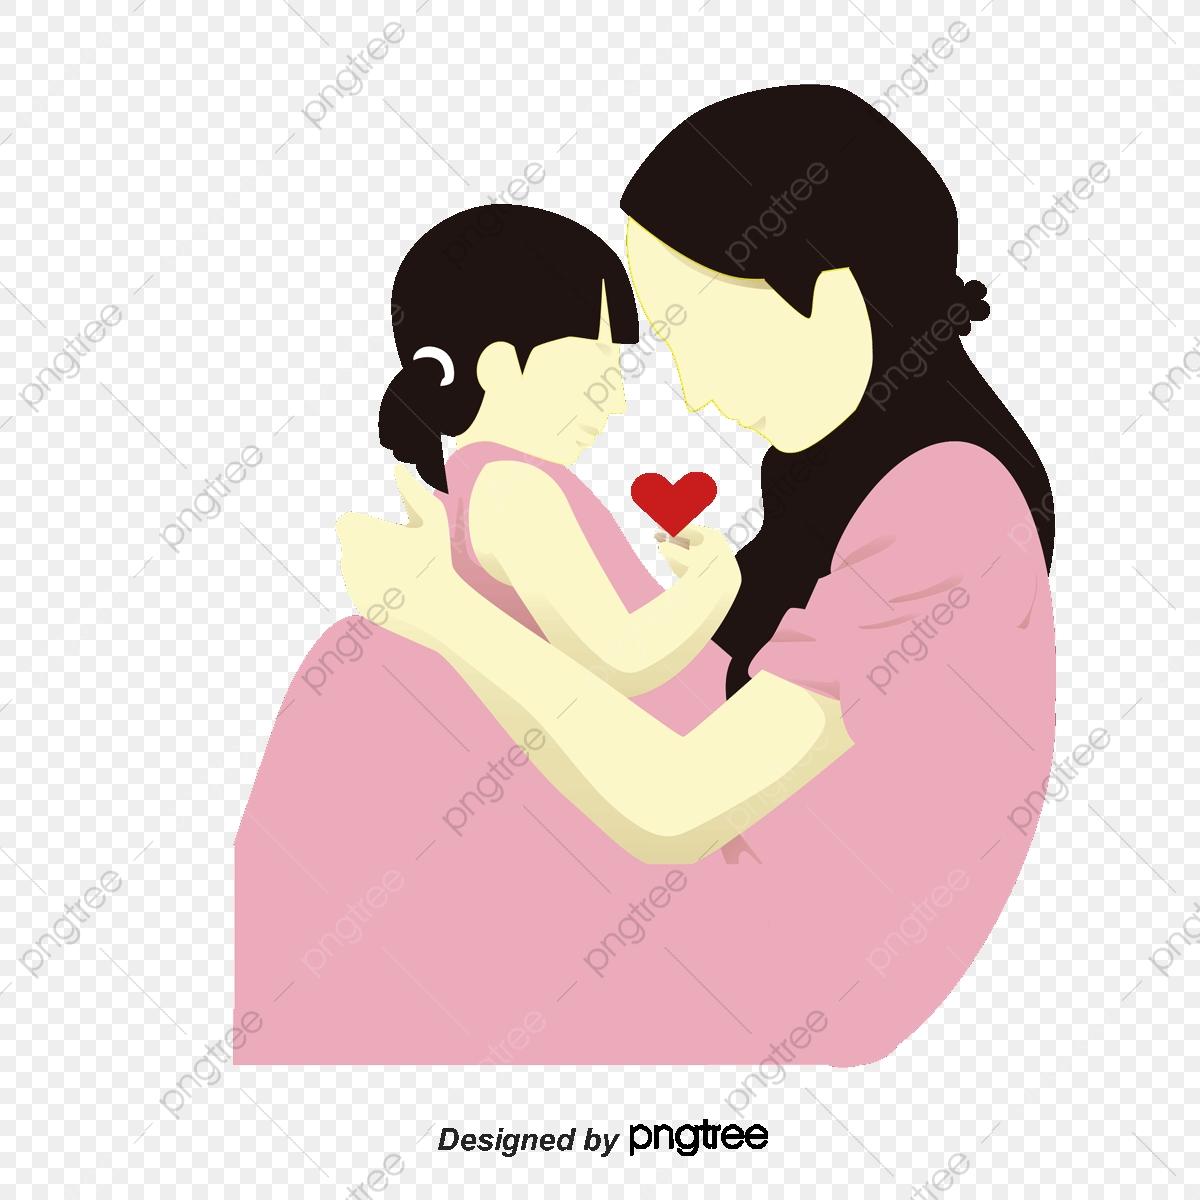 Desenho De Mãe E Filha , Cartoon, Mãe E Filha, Padrão PNG e.